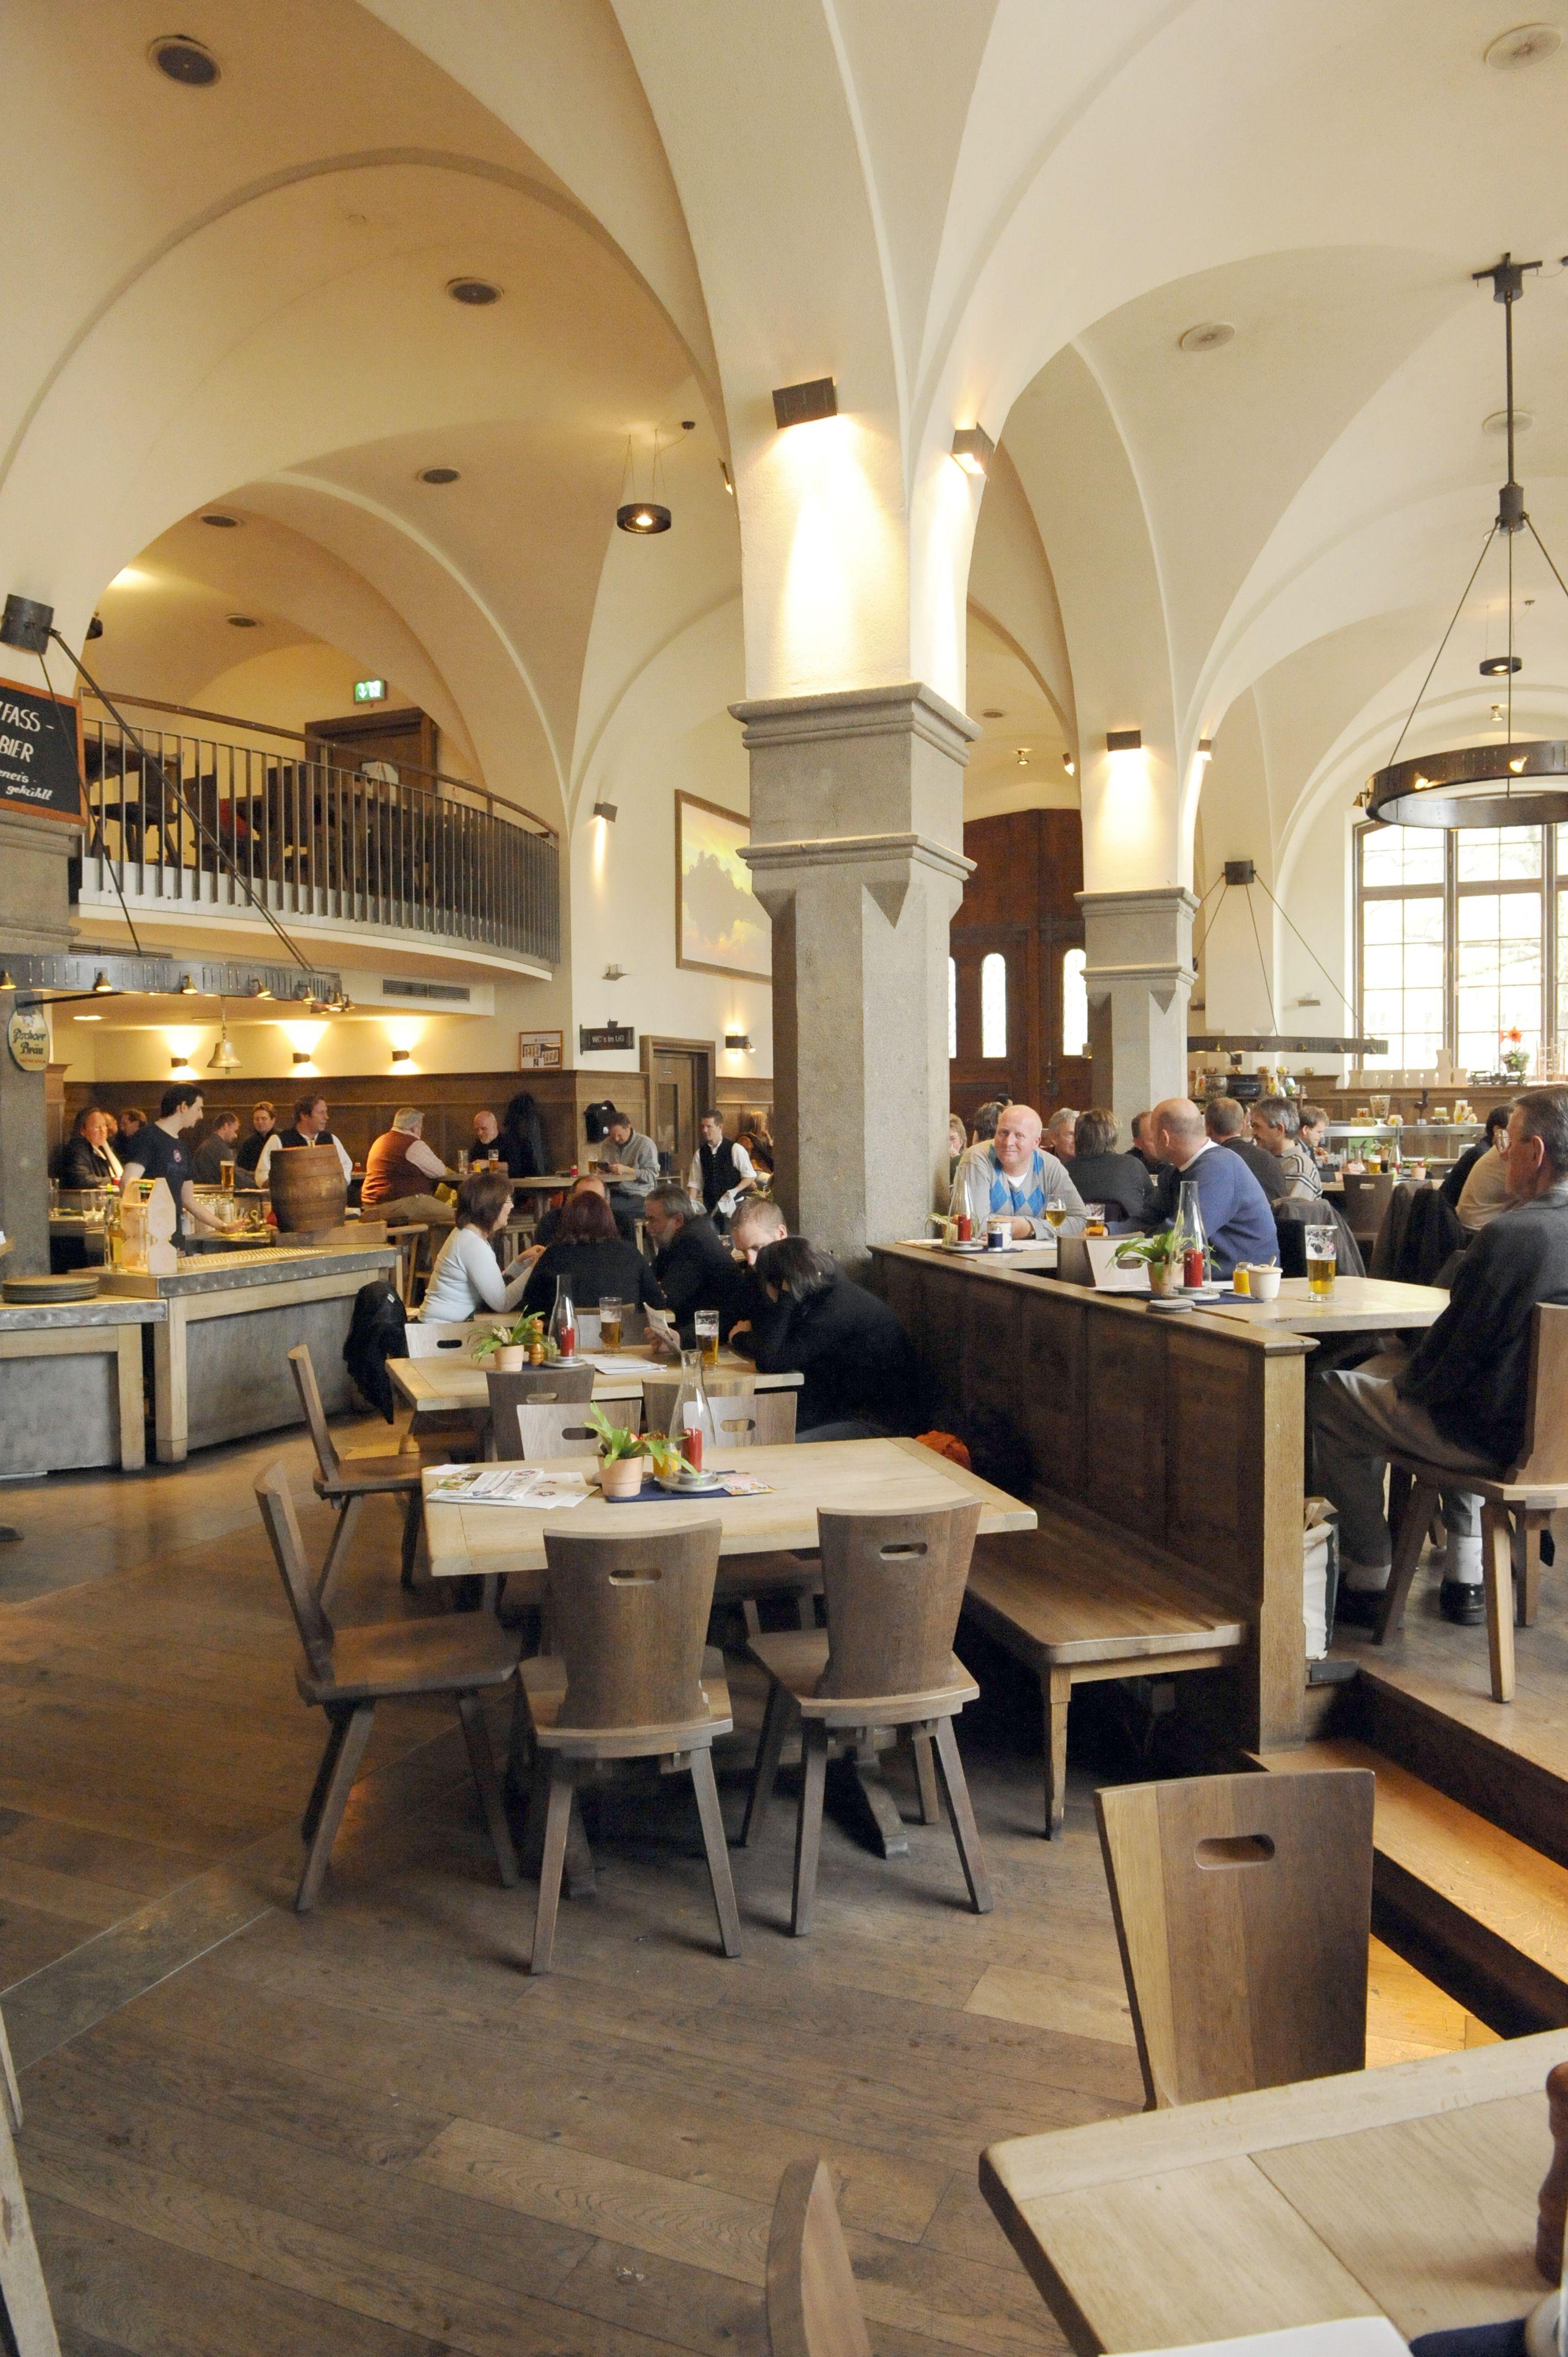 Pin Von Mongo Kalresian Auf Das Wirtshaus Von Innen The Restaurant From The Inside Restaurant Munchen Haus Restaurant